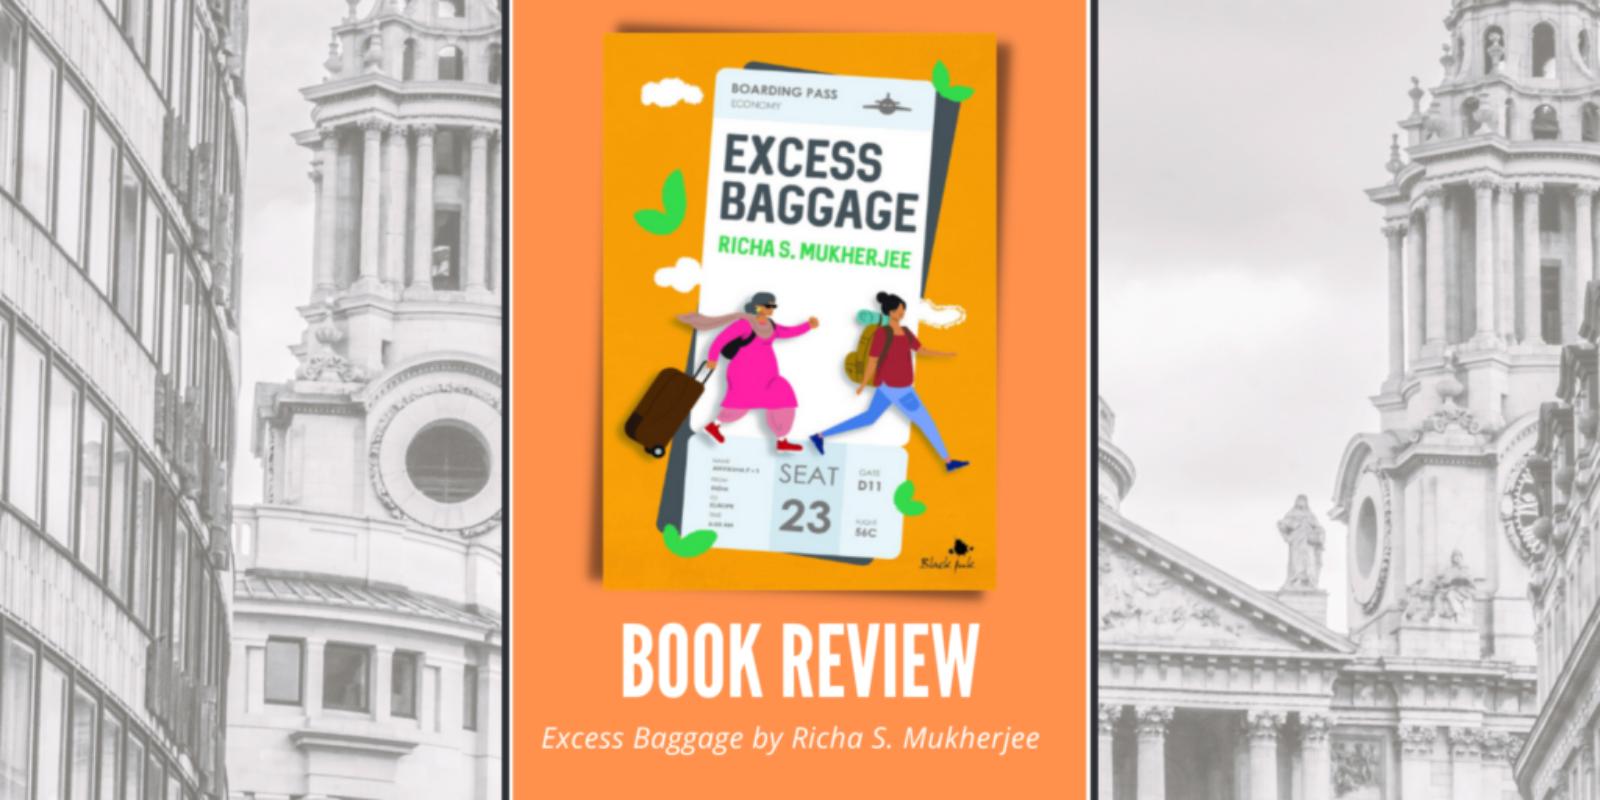 Excess Baggage by Richa S Mukherjee Header